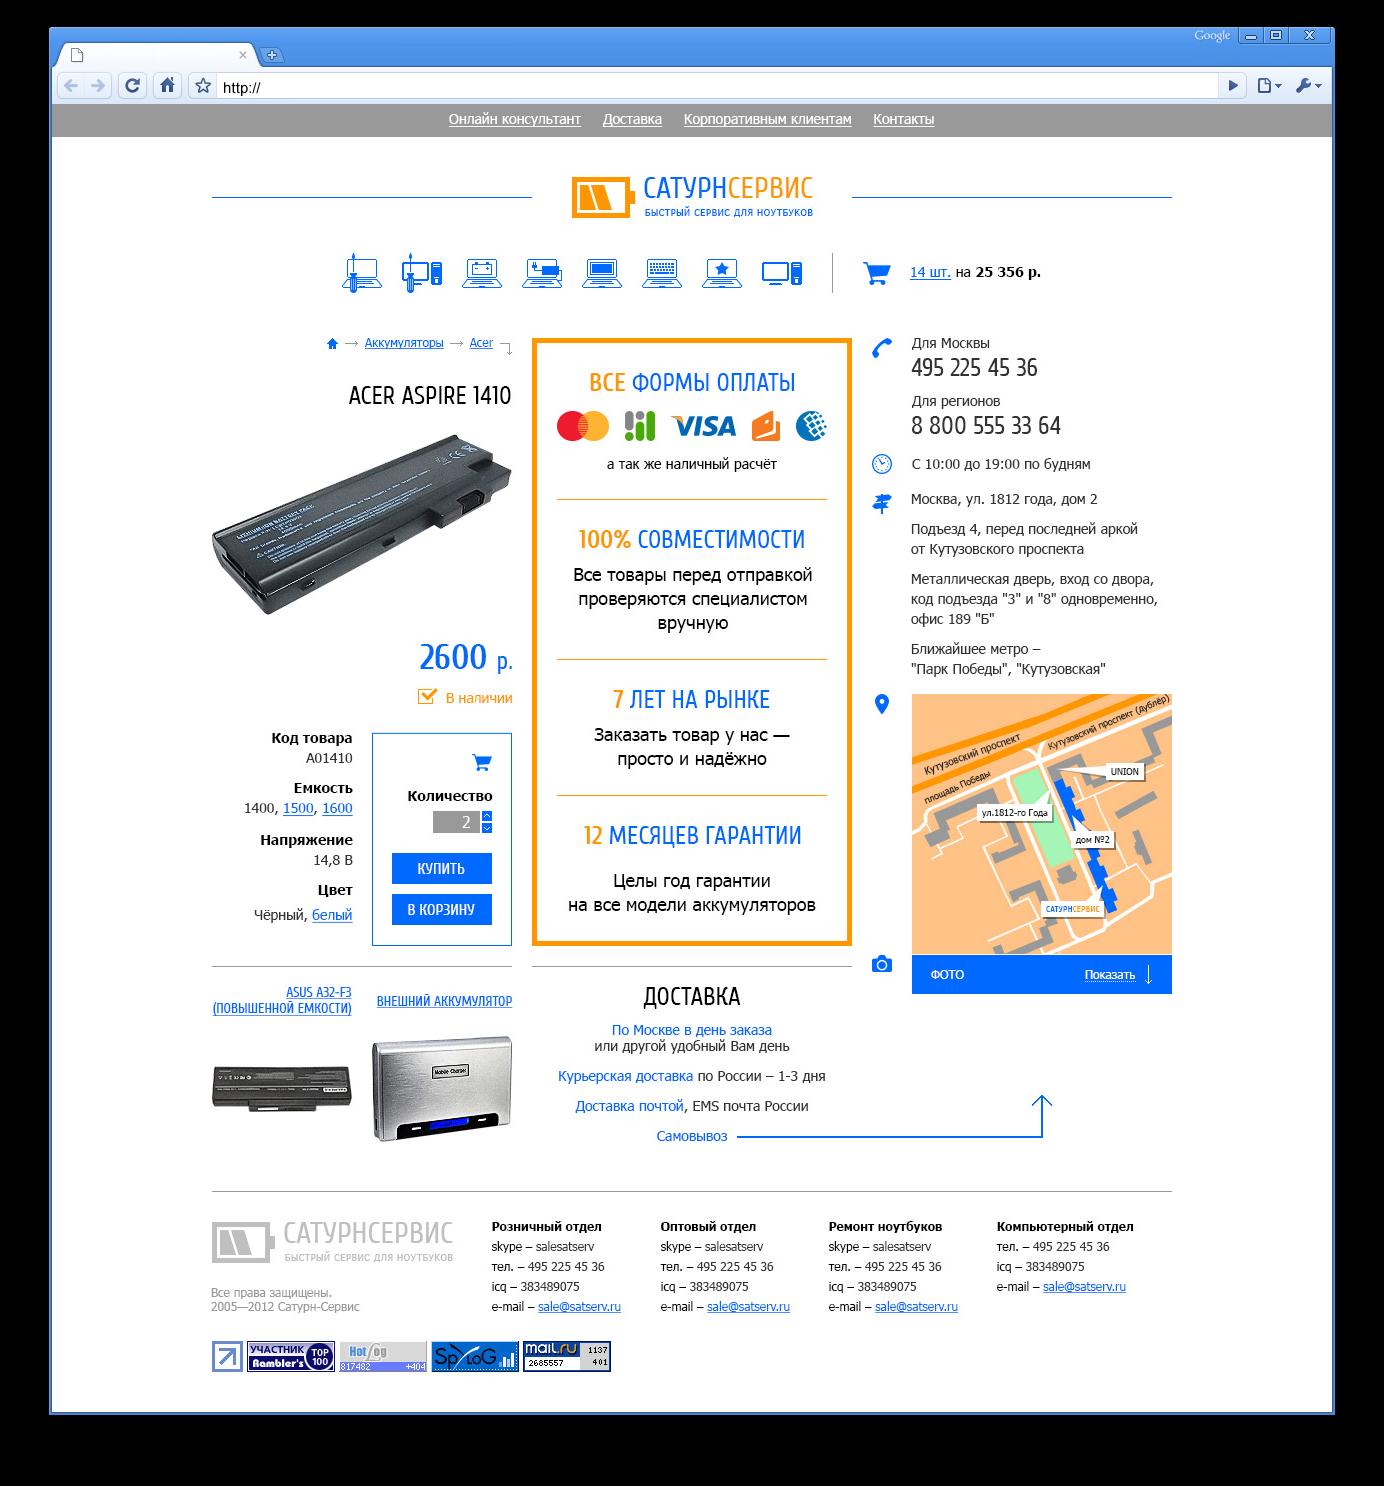 Сервис для ноутбуков